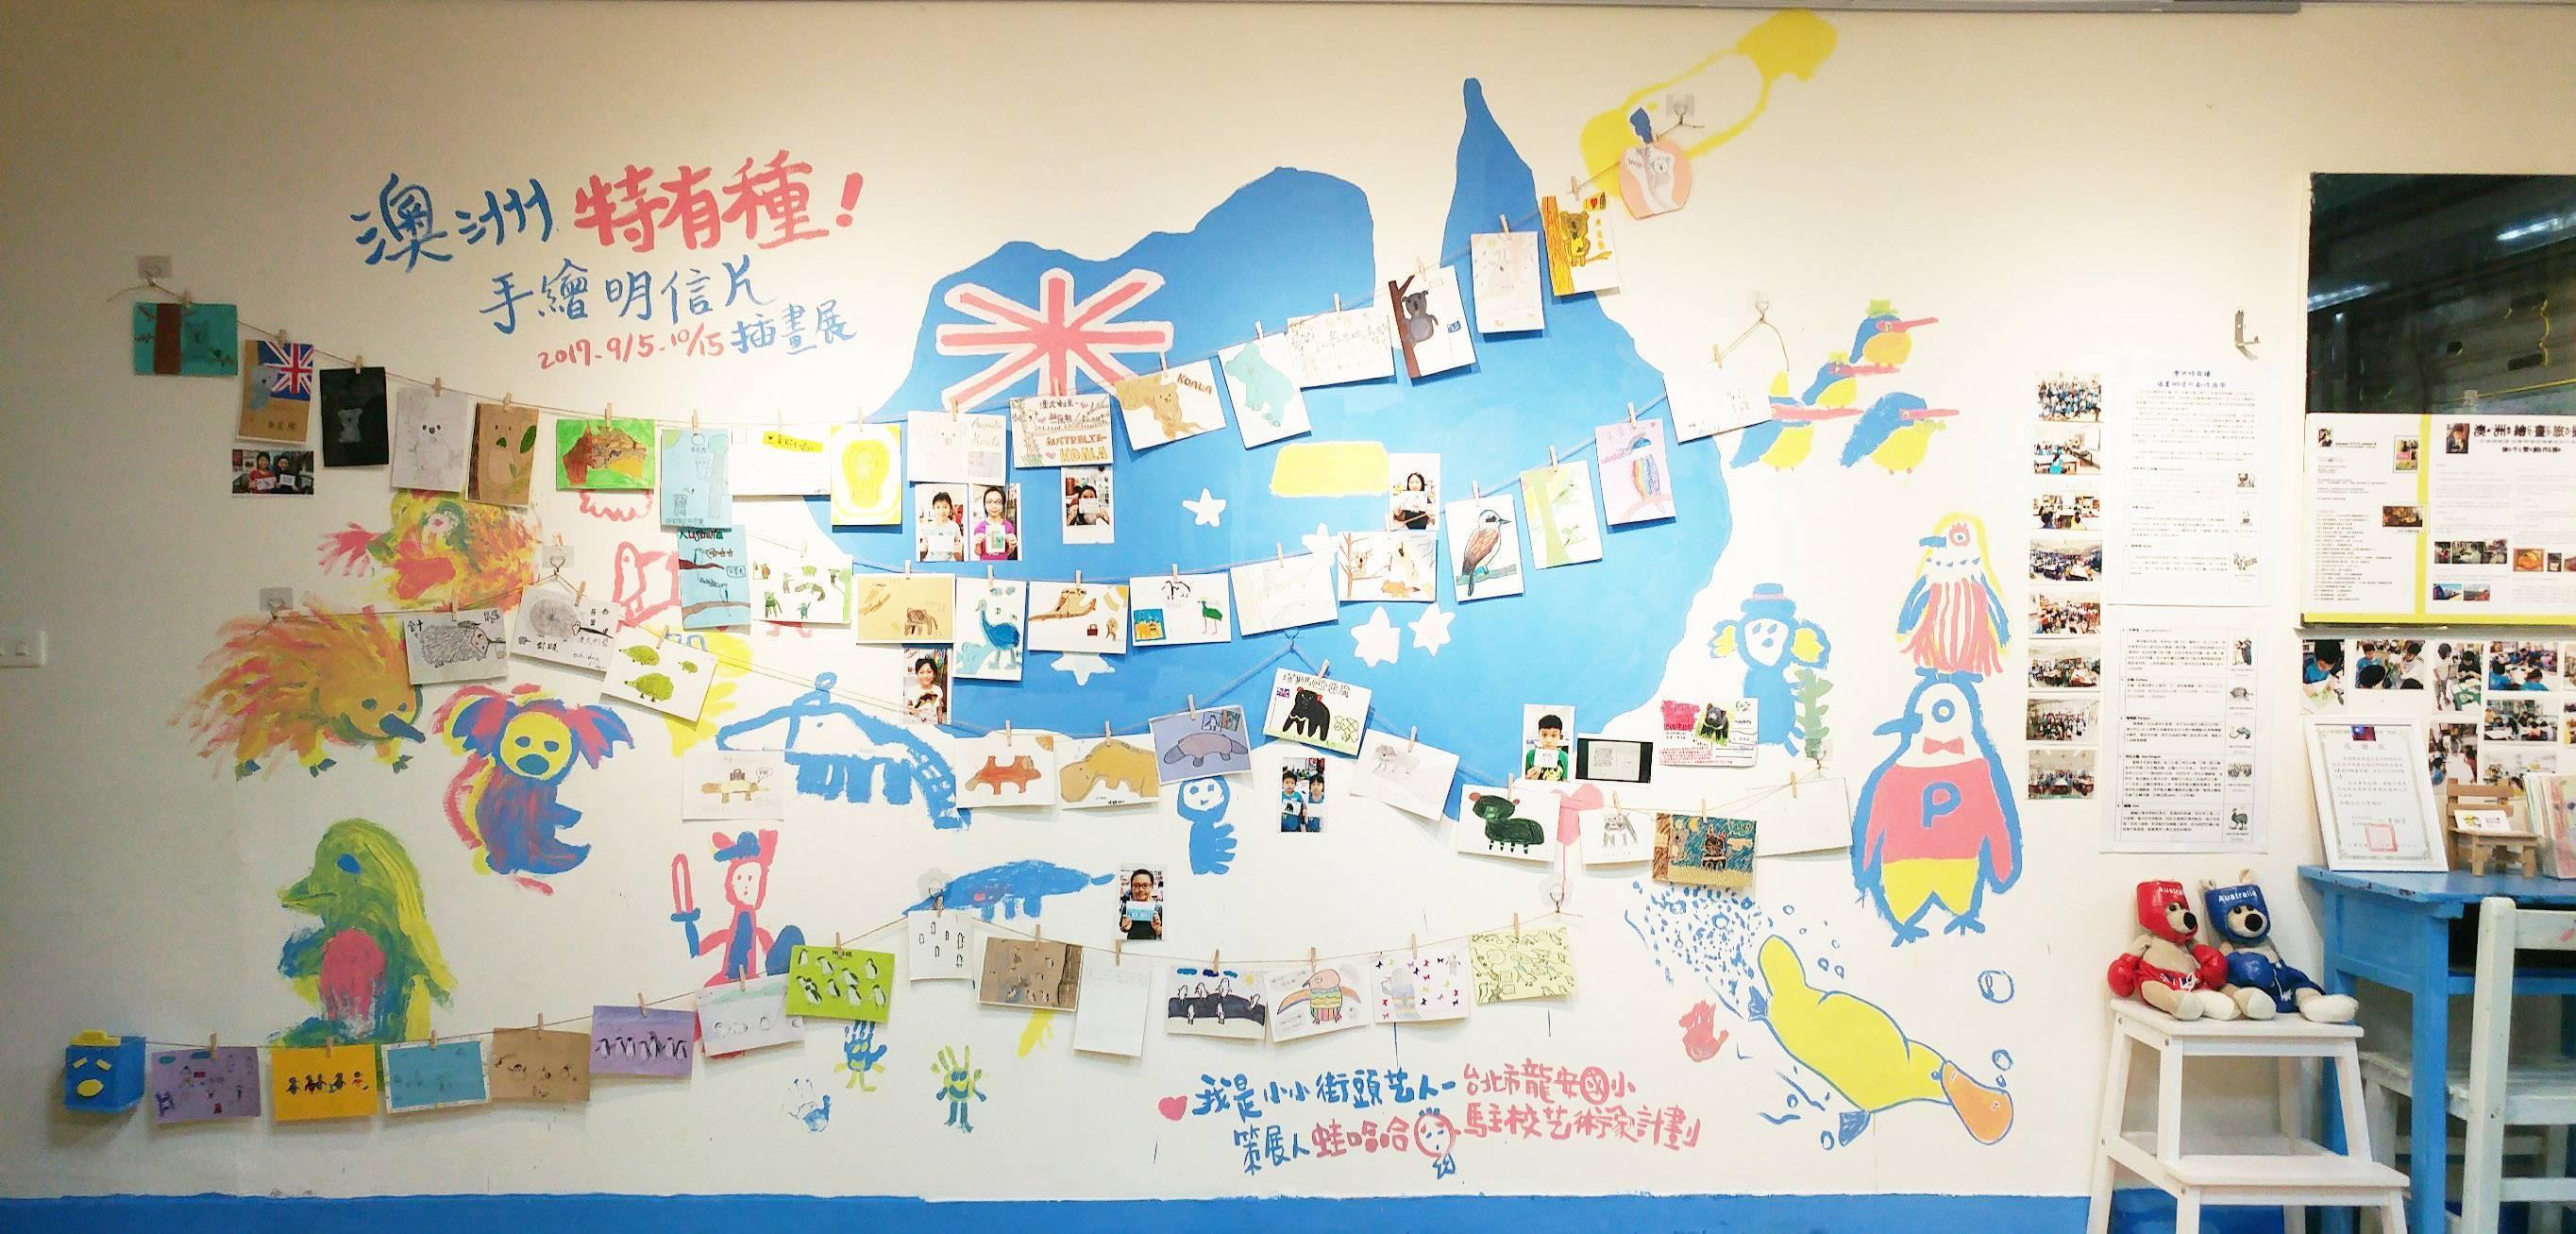 過去展覽活動-澳洲特有種 手繪明信片插畫展